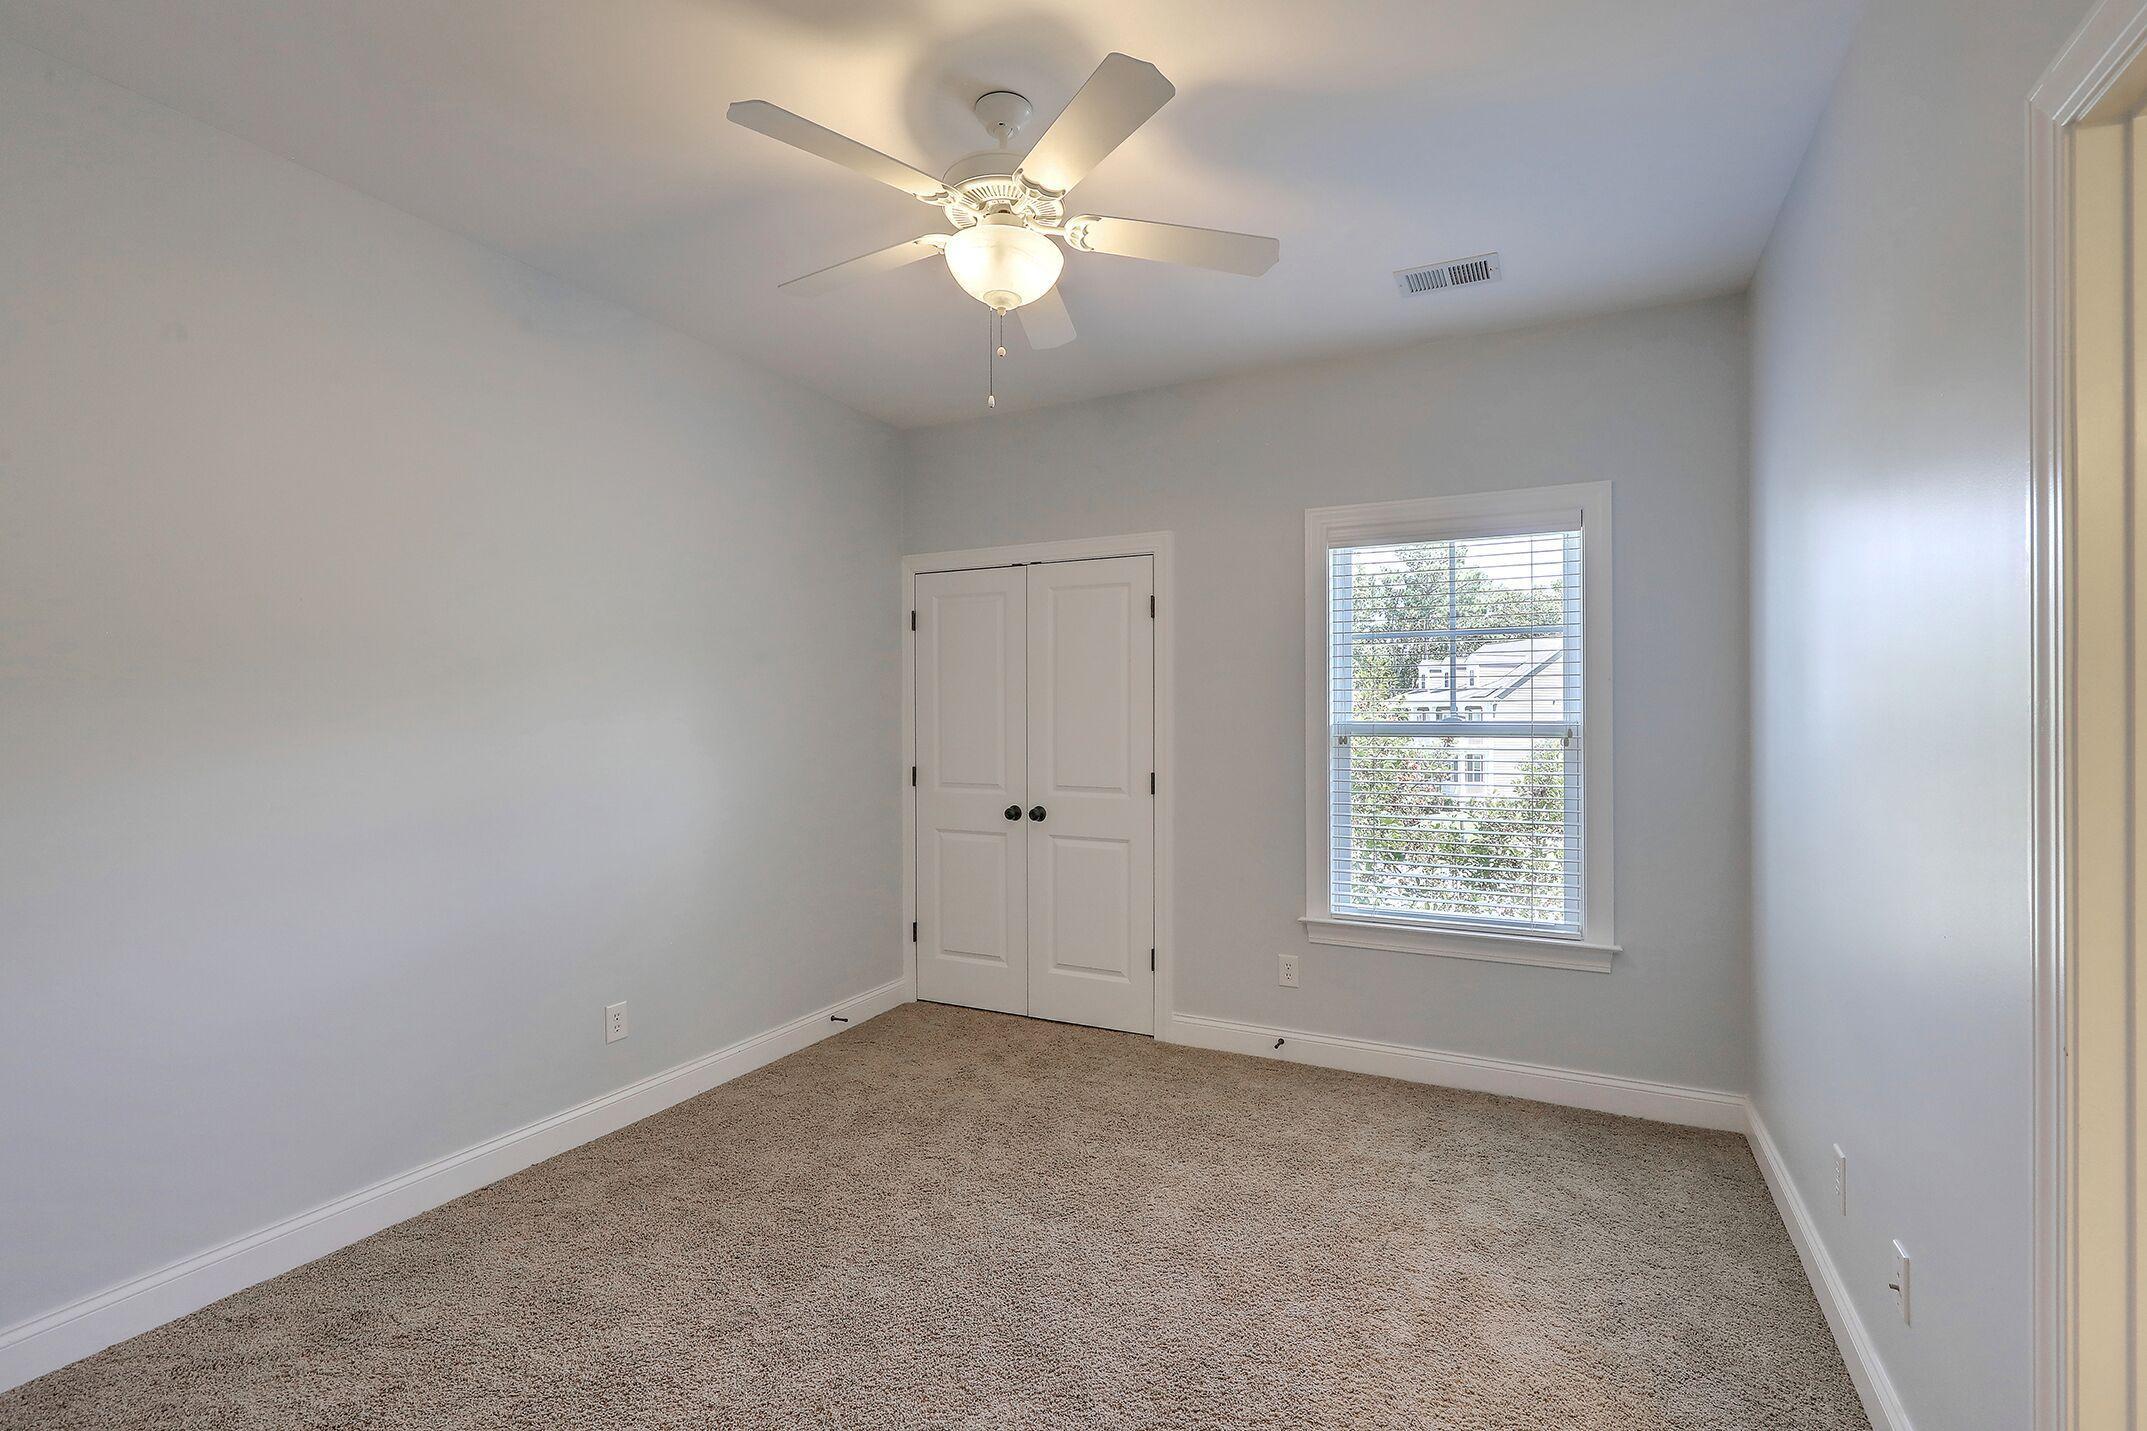 Dunes West Homes For Sale - 2970 Sturbridge, Mount Pleasant, SC - 52